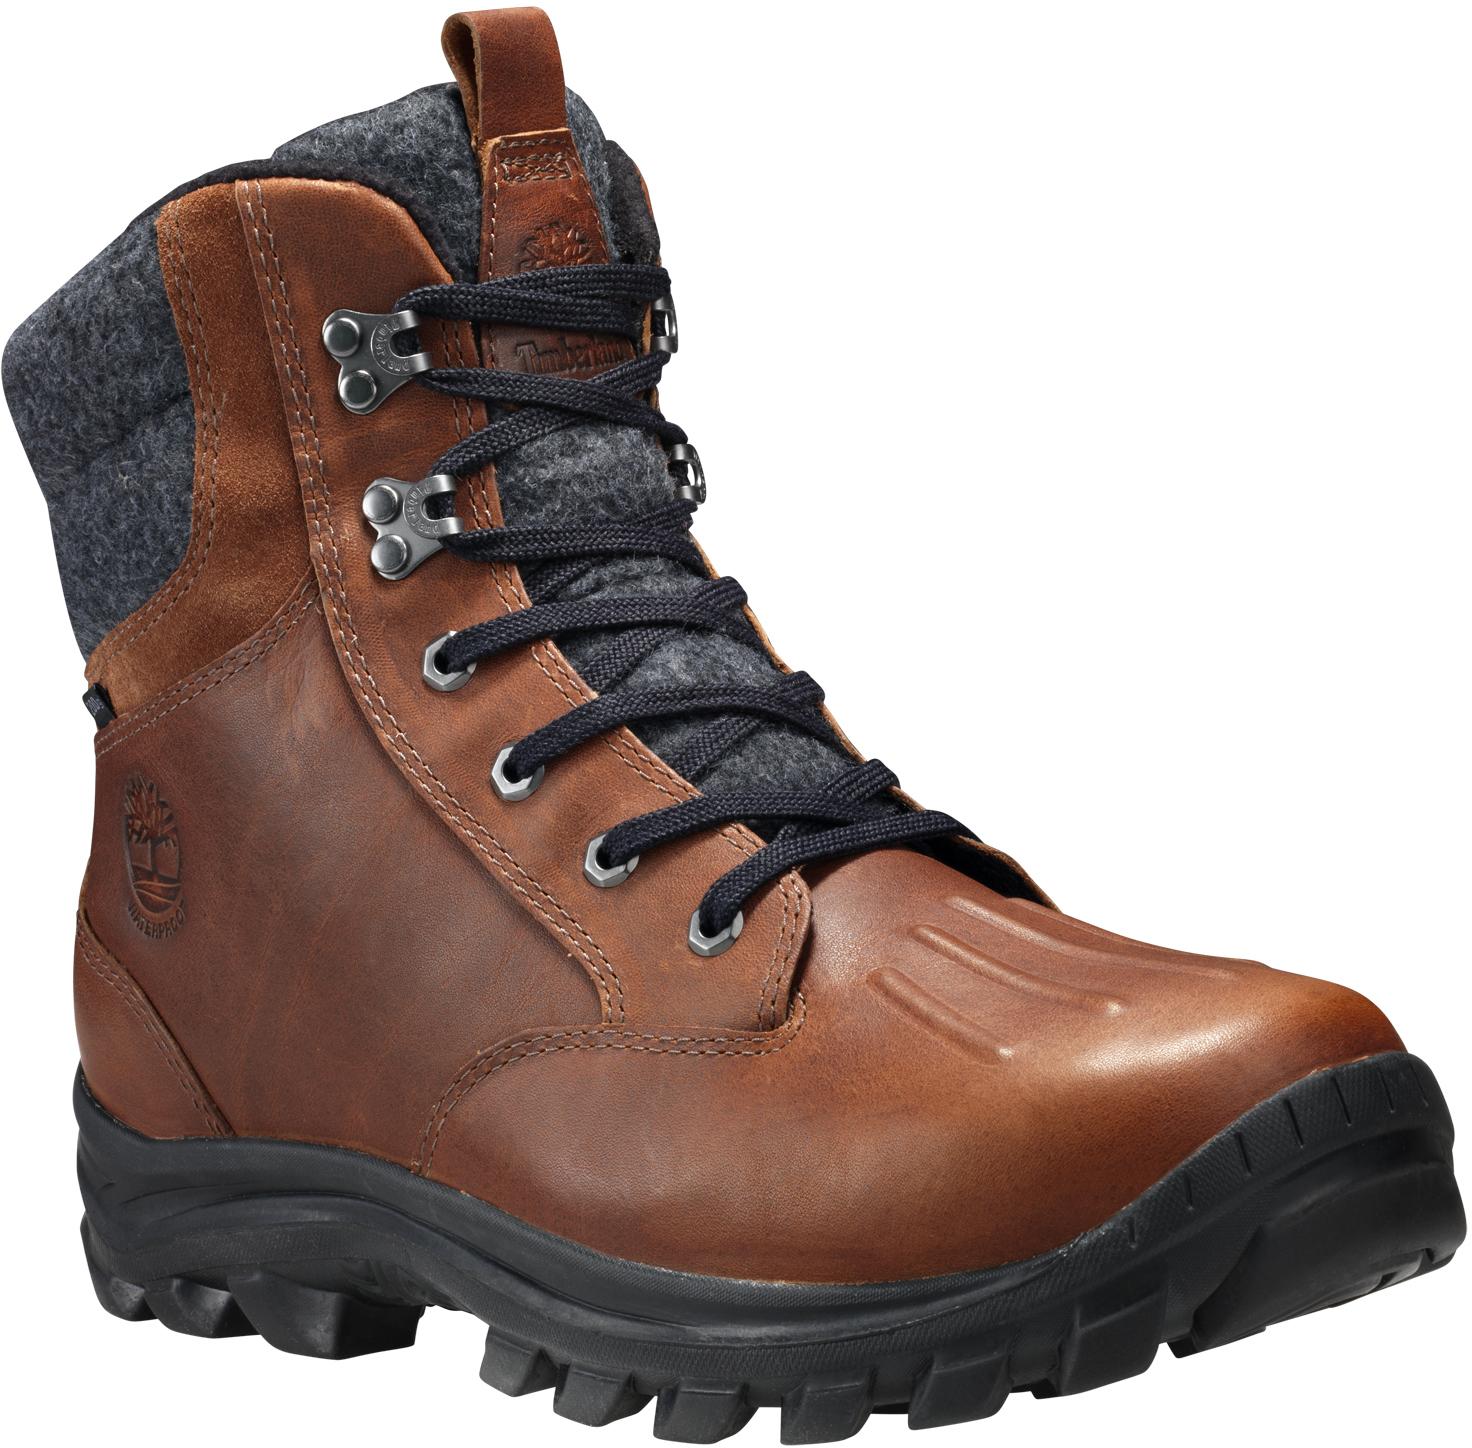 Pour Et Bottes Pour Chaussures HommesMec HommesMec Chaussures Bottes Bottes Et vOmN8nw0